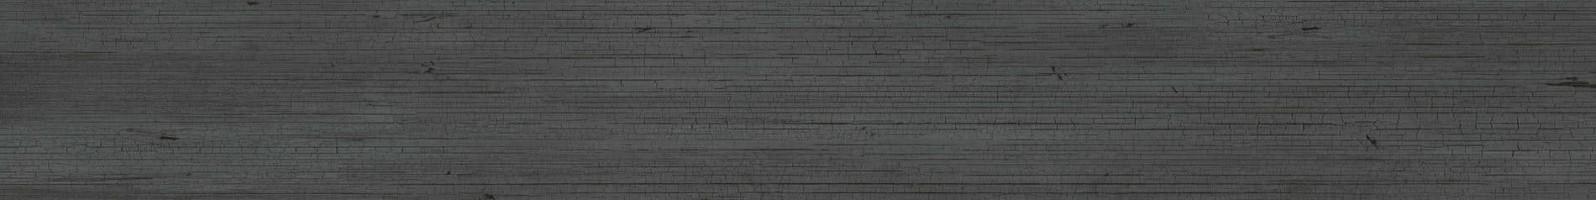 Керамогранит 4100125 1 Yaki Rtisan Carbo 15x120 41ZERO42